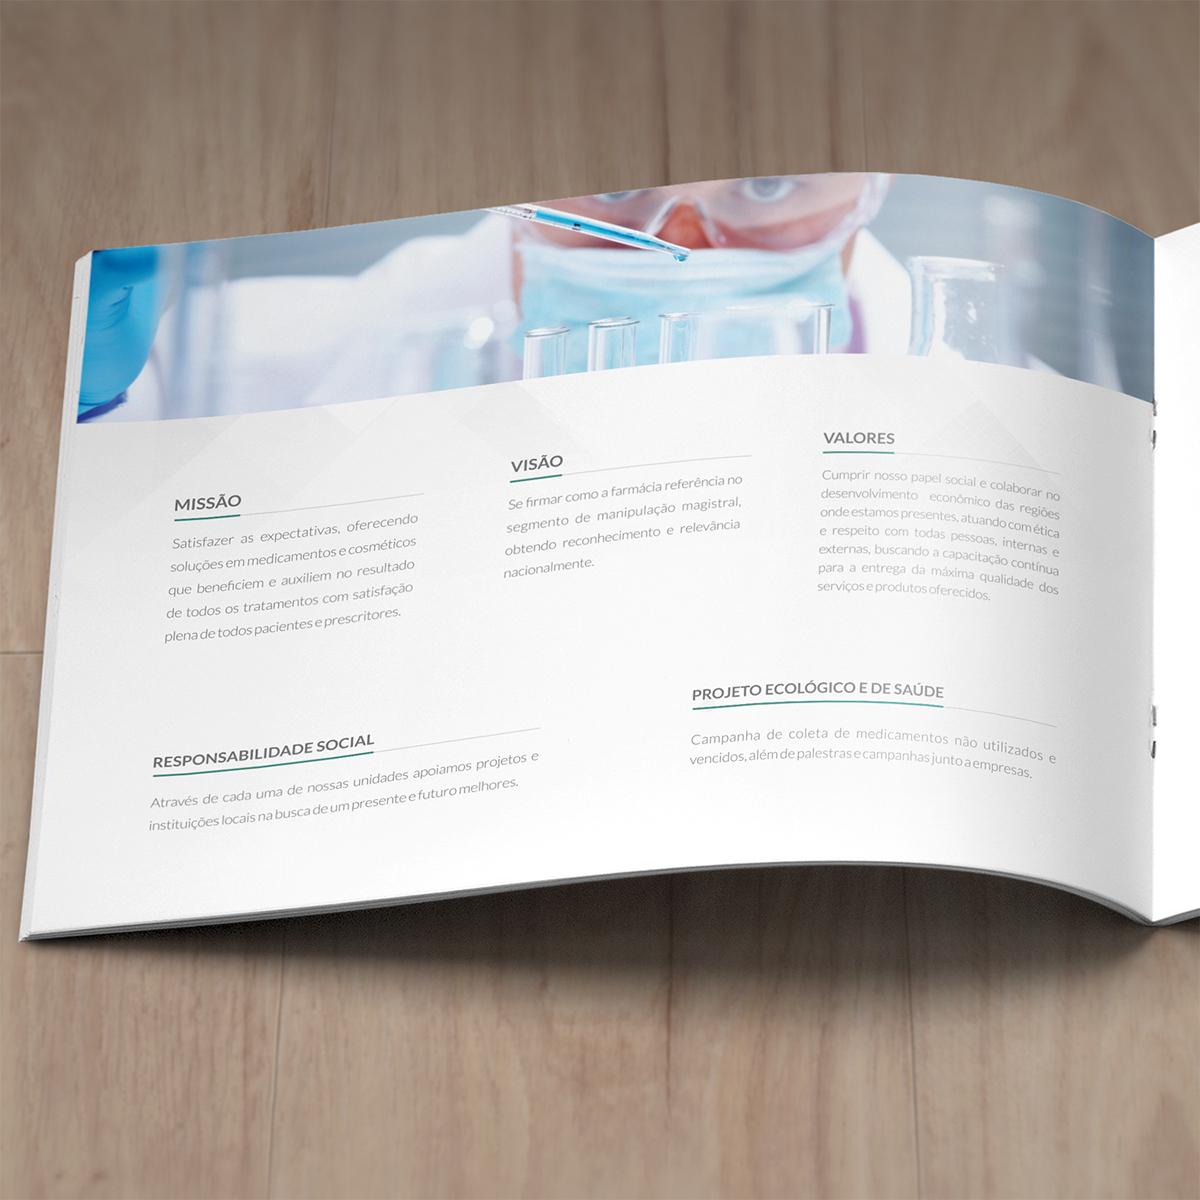 Revista Quality Pharma Limeira Rio claro